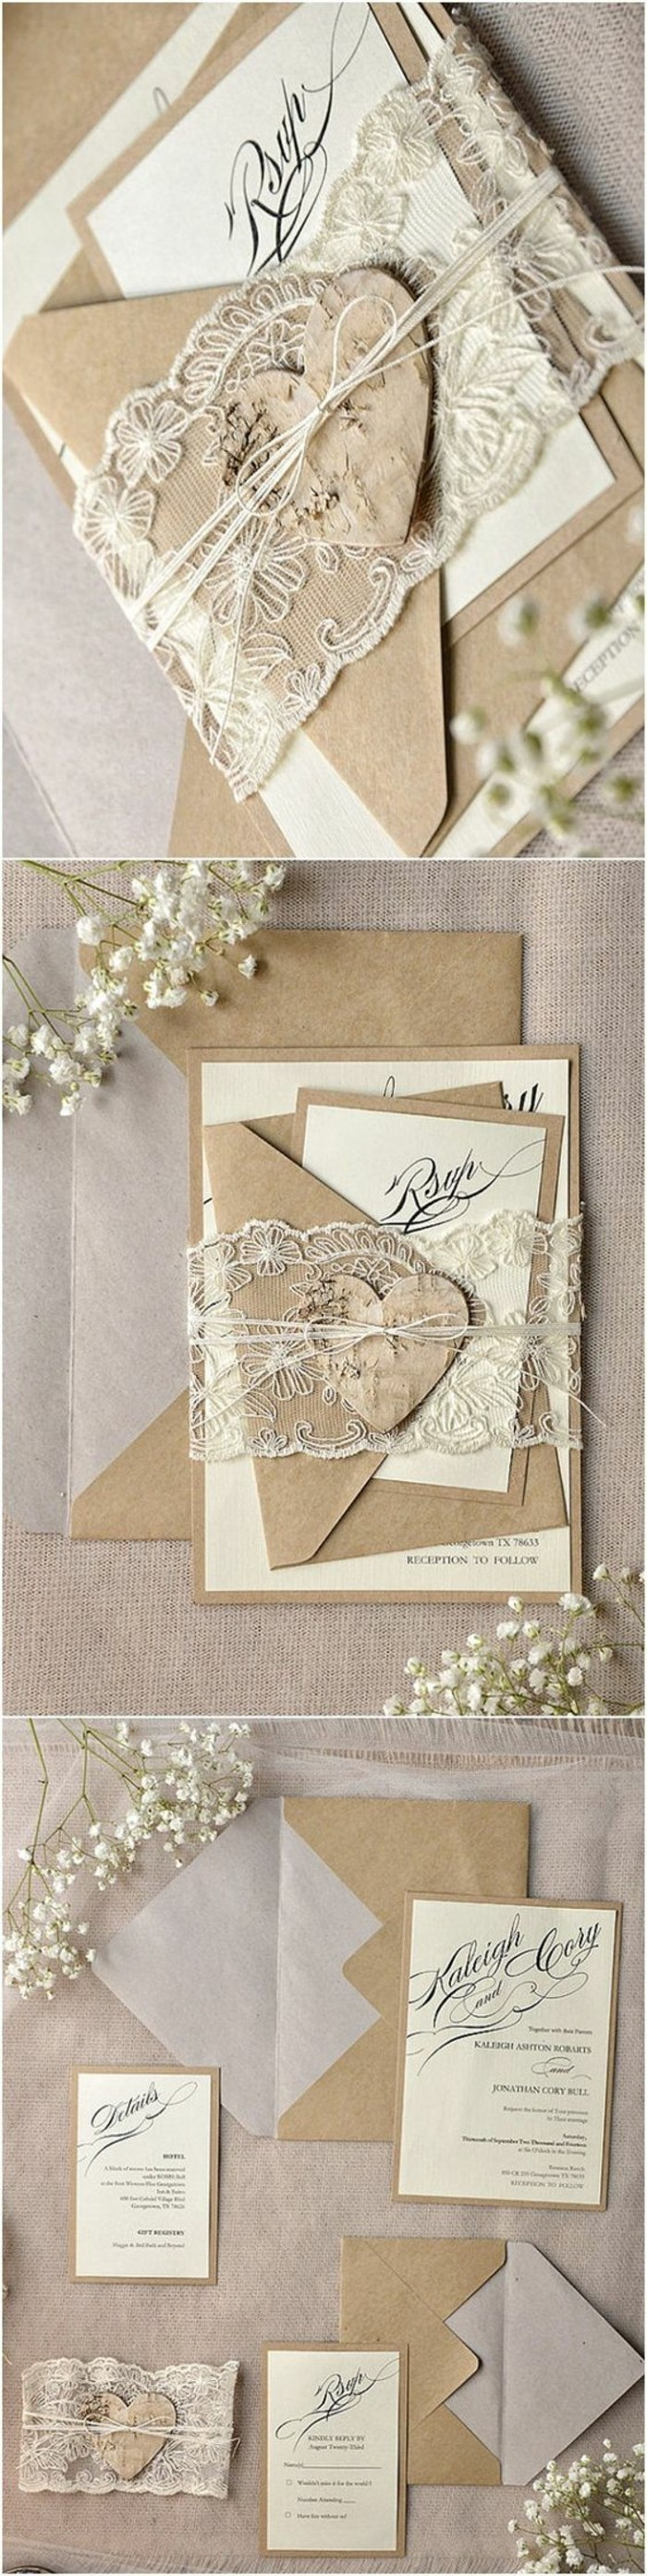 faire-part-mariage-champetre-idee-pour-carte-d-invitation-avec-fleurs-seches-blancs